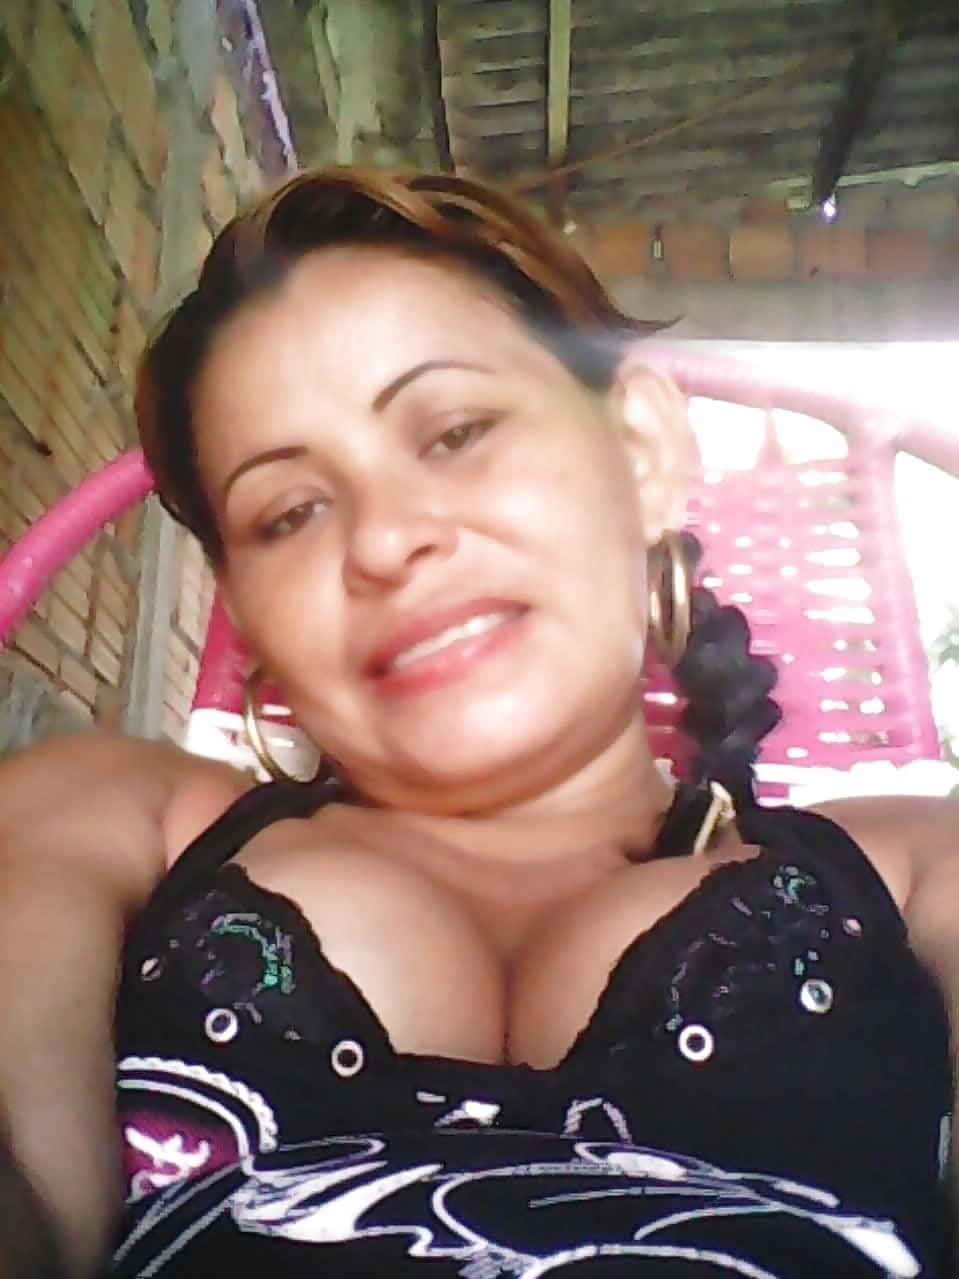 Moms big boob pics-2648